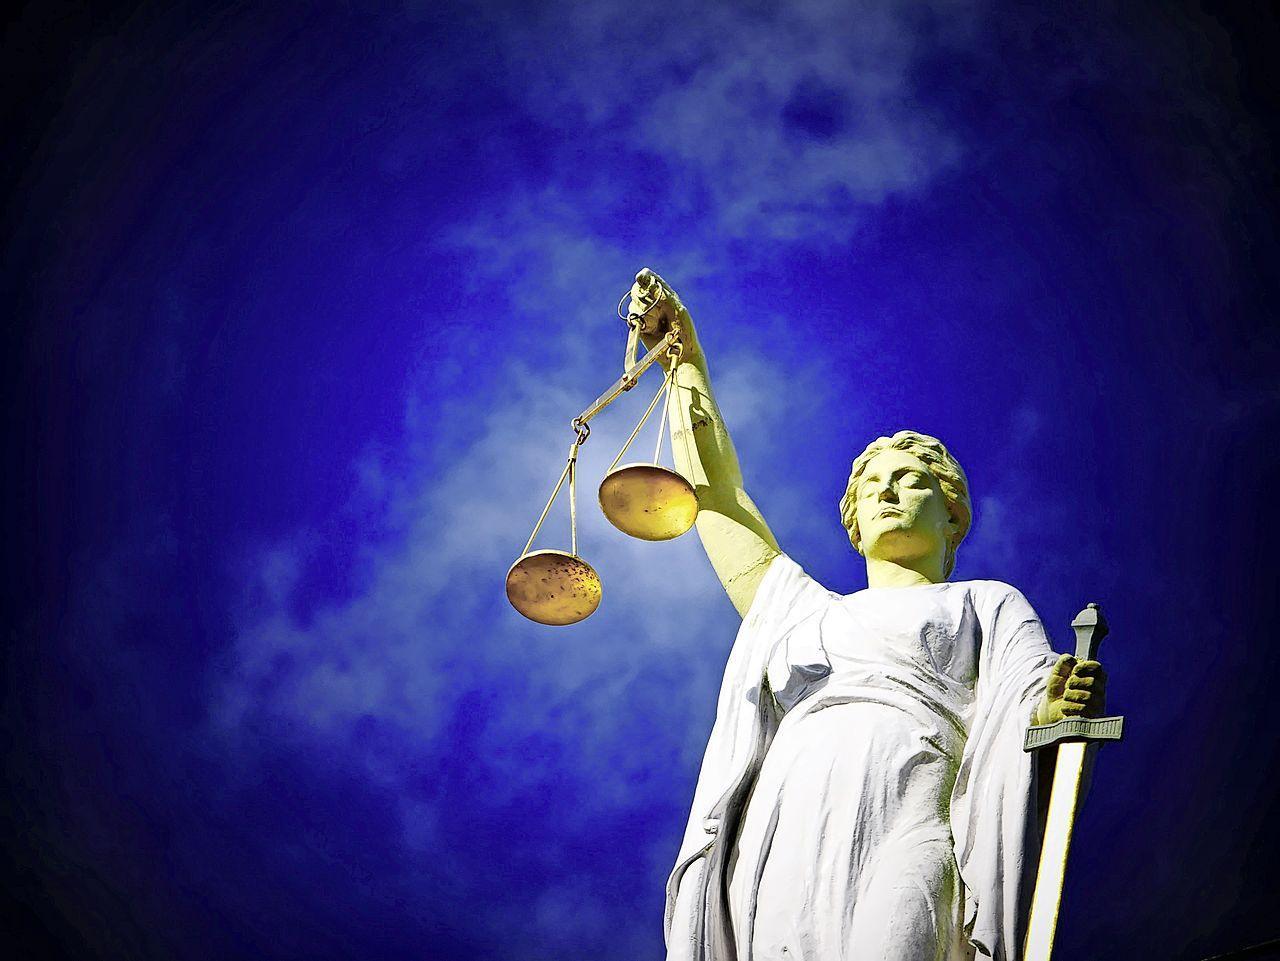 'Ik ben heel fout geweest, ik heb mijn vriendin gedood'; Amsterdammer twaalf jaar de cel in voor doodslag en poging tot doodslag in Bussum